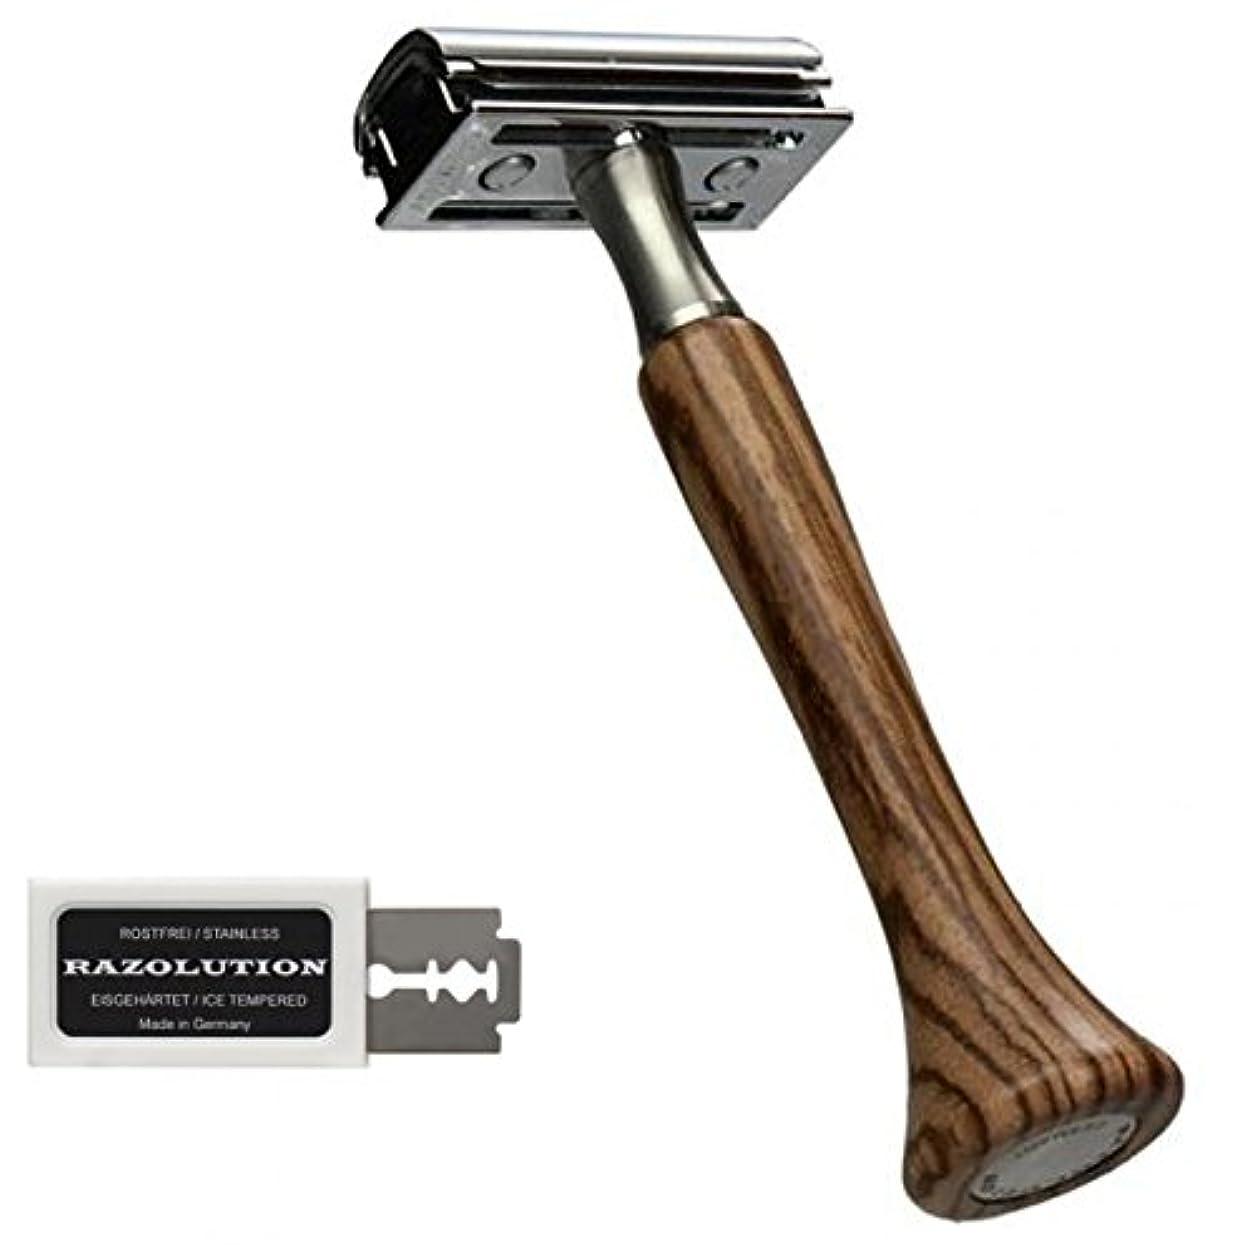 増強するマニフェストスローRAZOLUTION 4Edge Safety razor, Zebrano handle